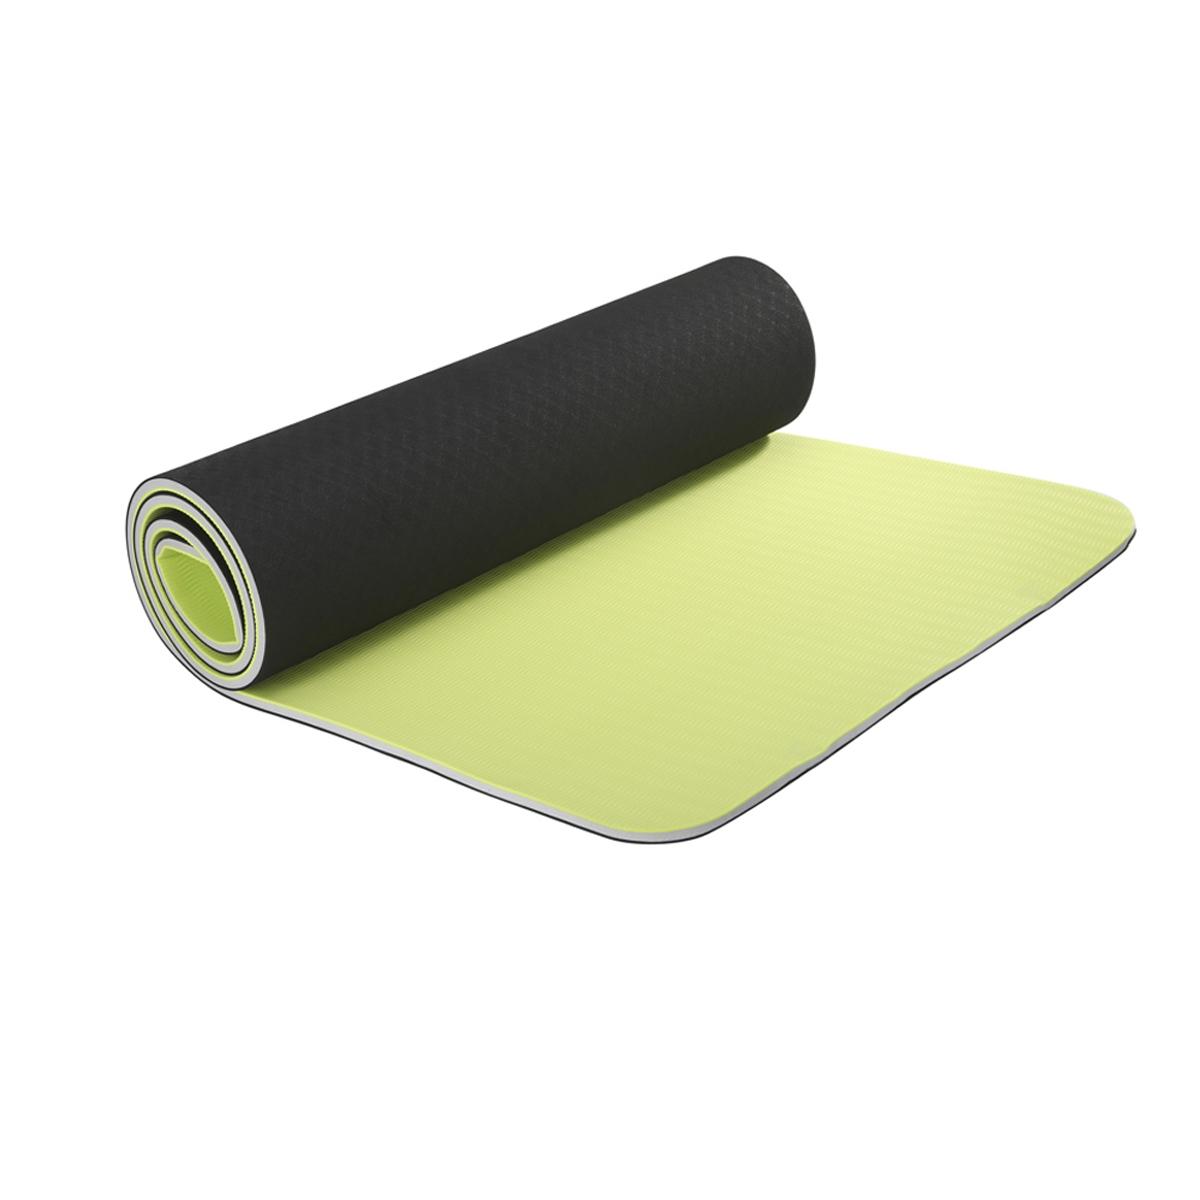 Fitness Mat - Assorted*